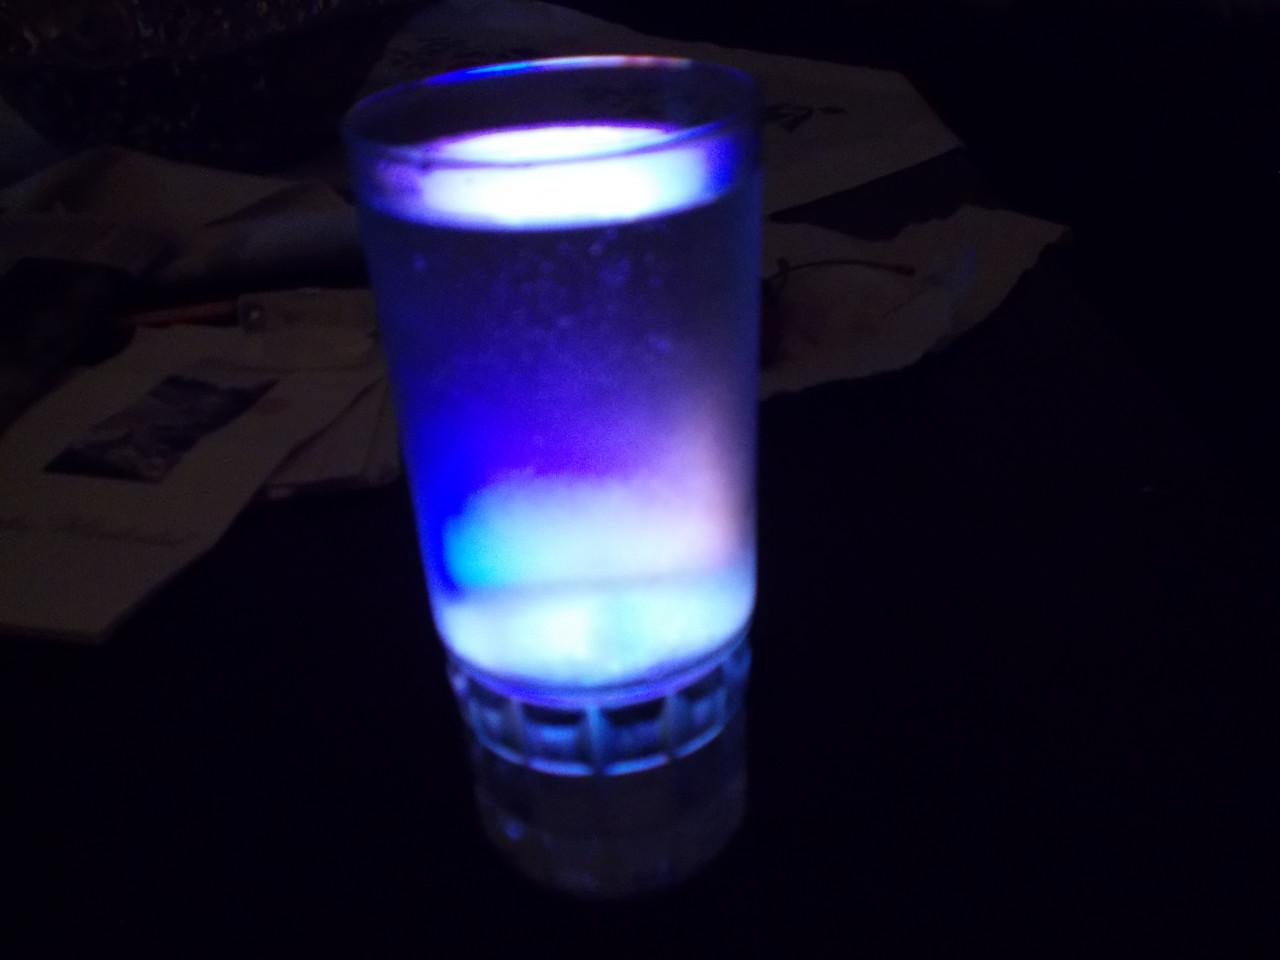 Ett-glas-sodavatten-och-en-upplyst-mobilskrm